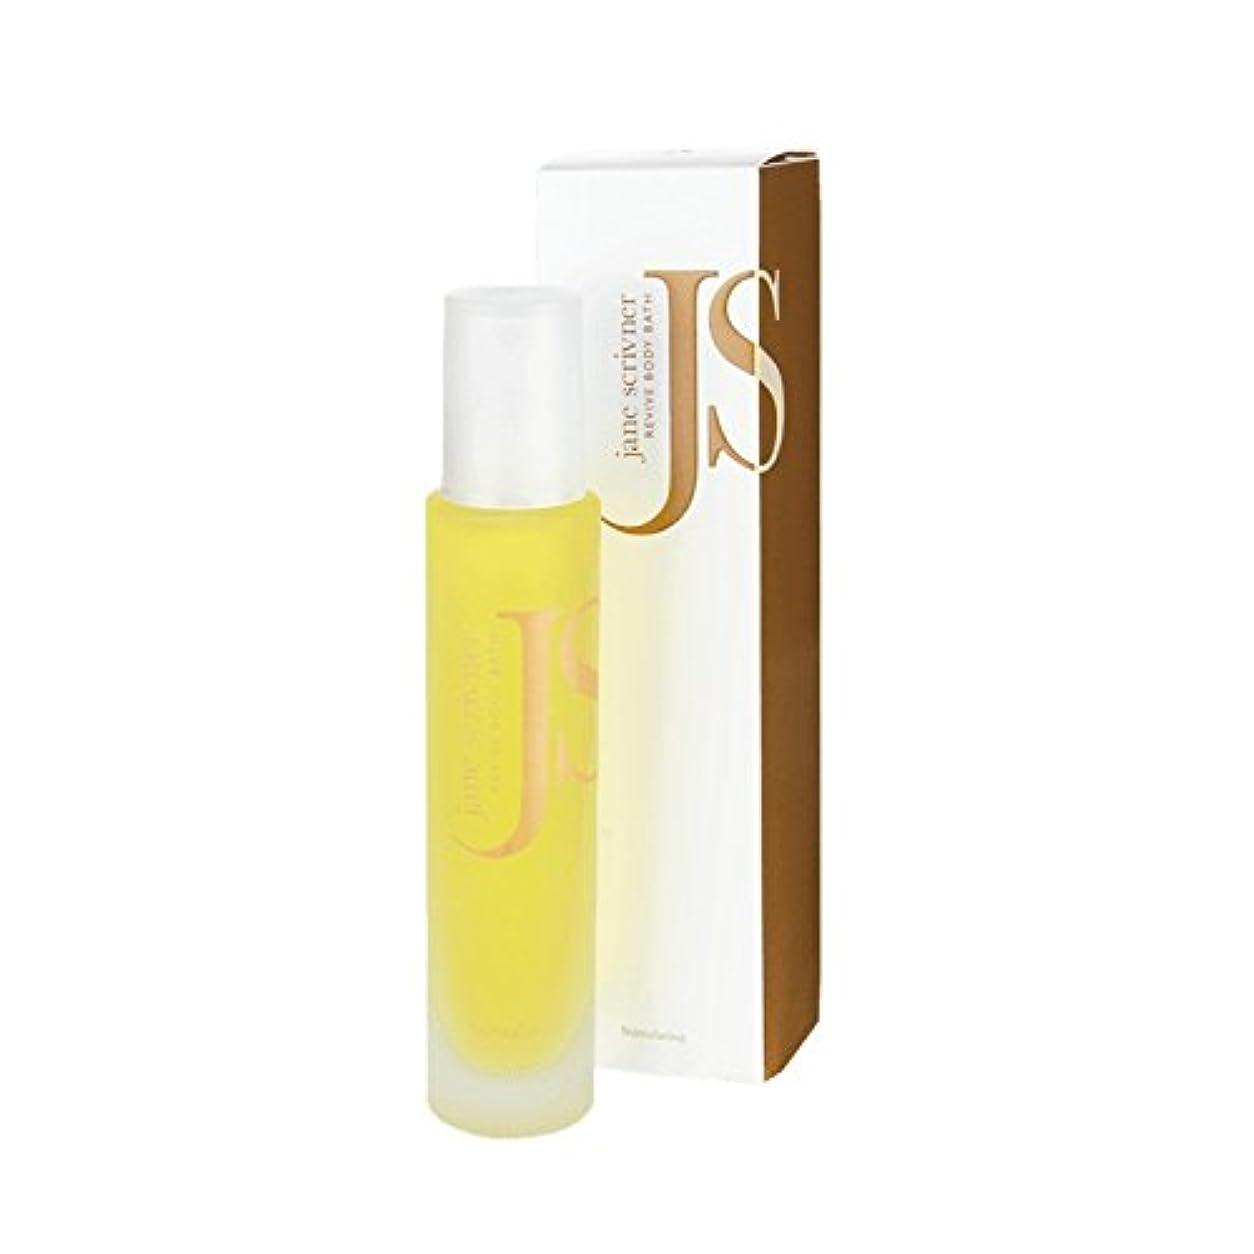 シチリア抗議寛容なJane Scrivner Body Bath Oil Revive 100ml (Pack of 6) - ジェーンScrivnerボディバスオイル100ミリリットルを復活させます (x6) [並行輸入品]